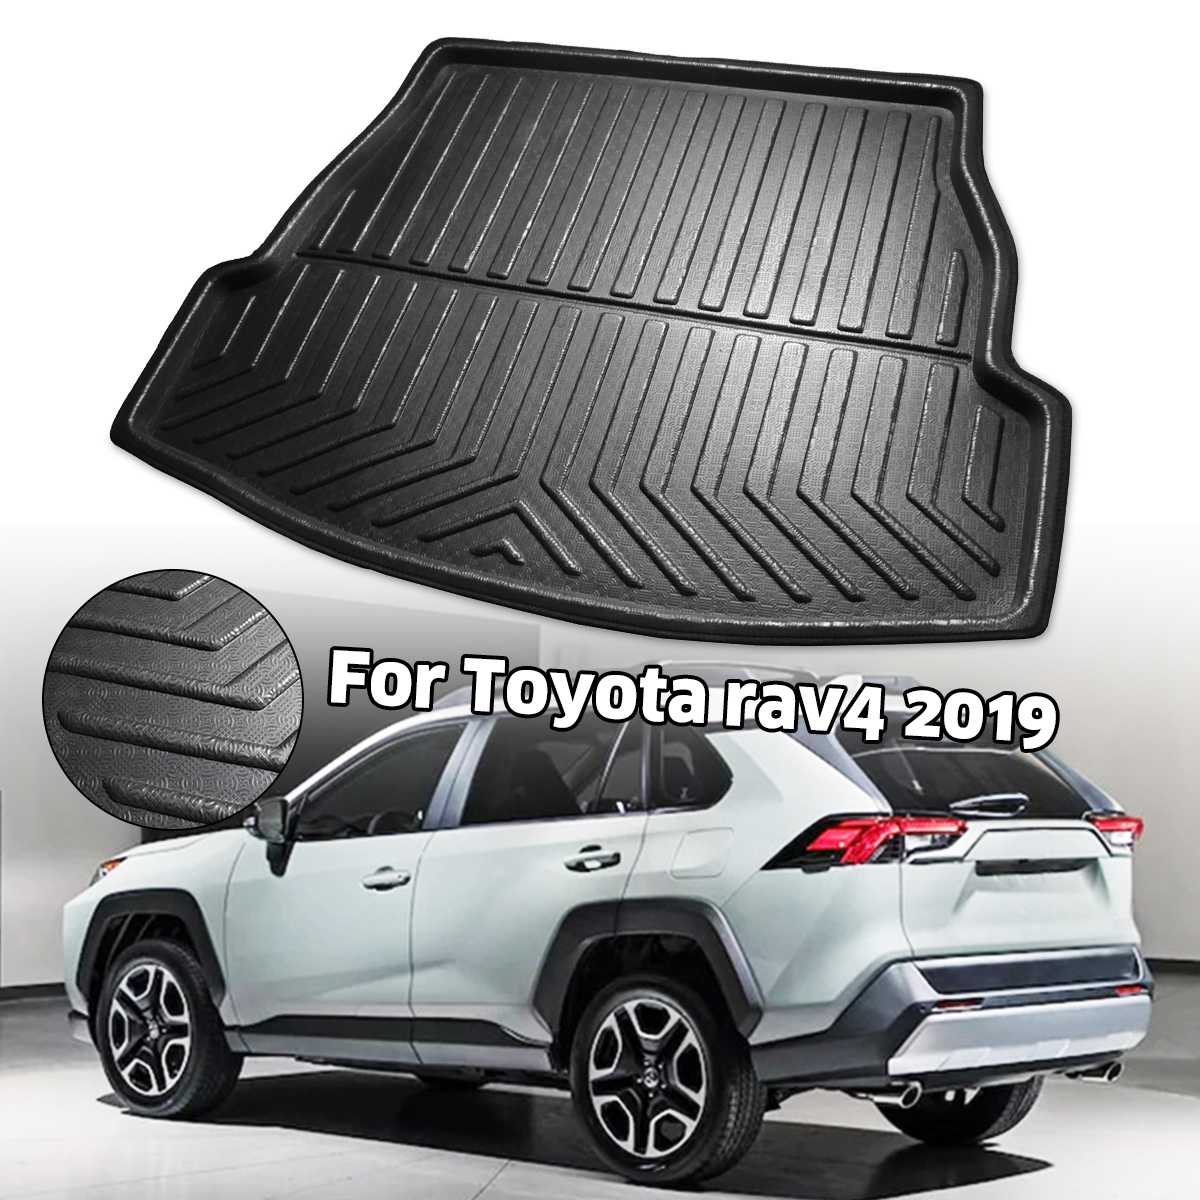 Cubierta de la bandeja de arranque del maletero trasero del coche alfombrilla mate alfombra de pie almohadilla para Toyota RAV4 2019 2020 XA50